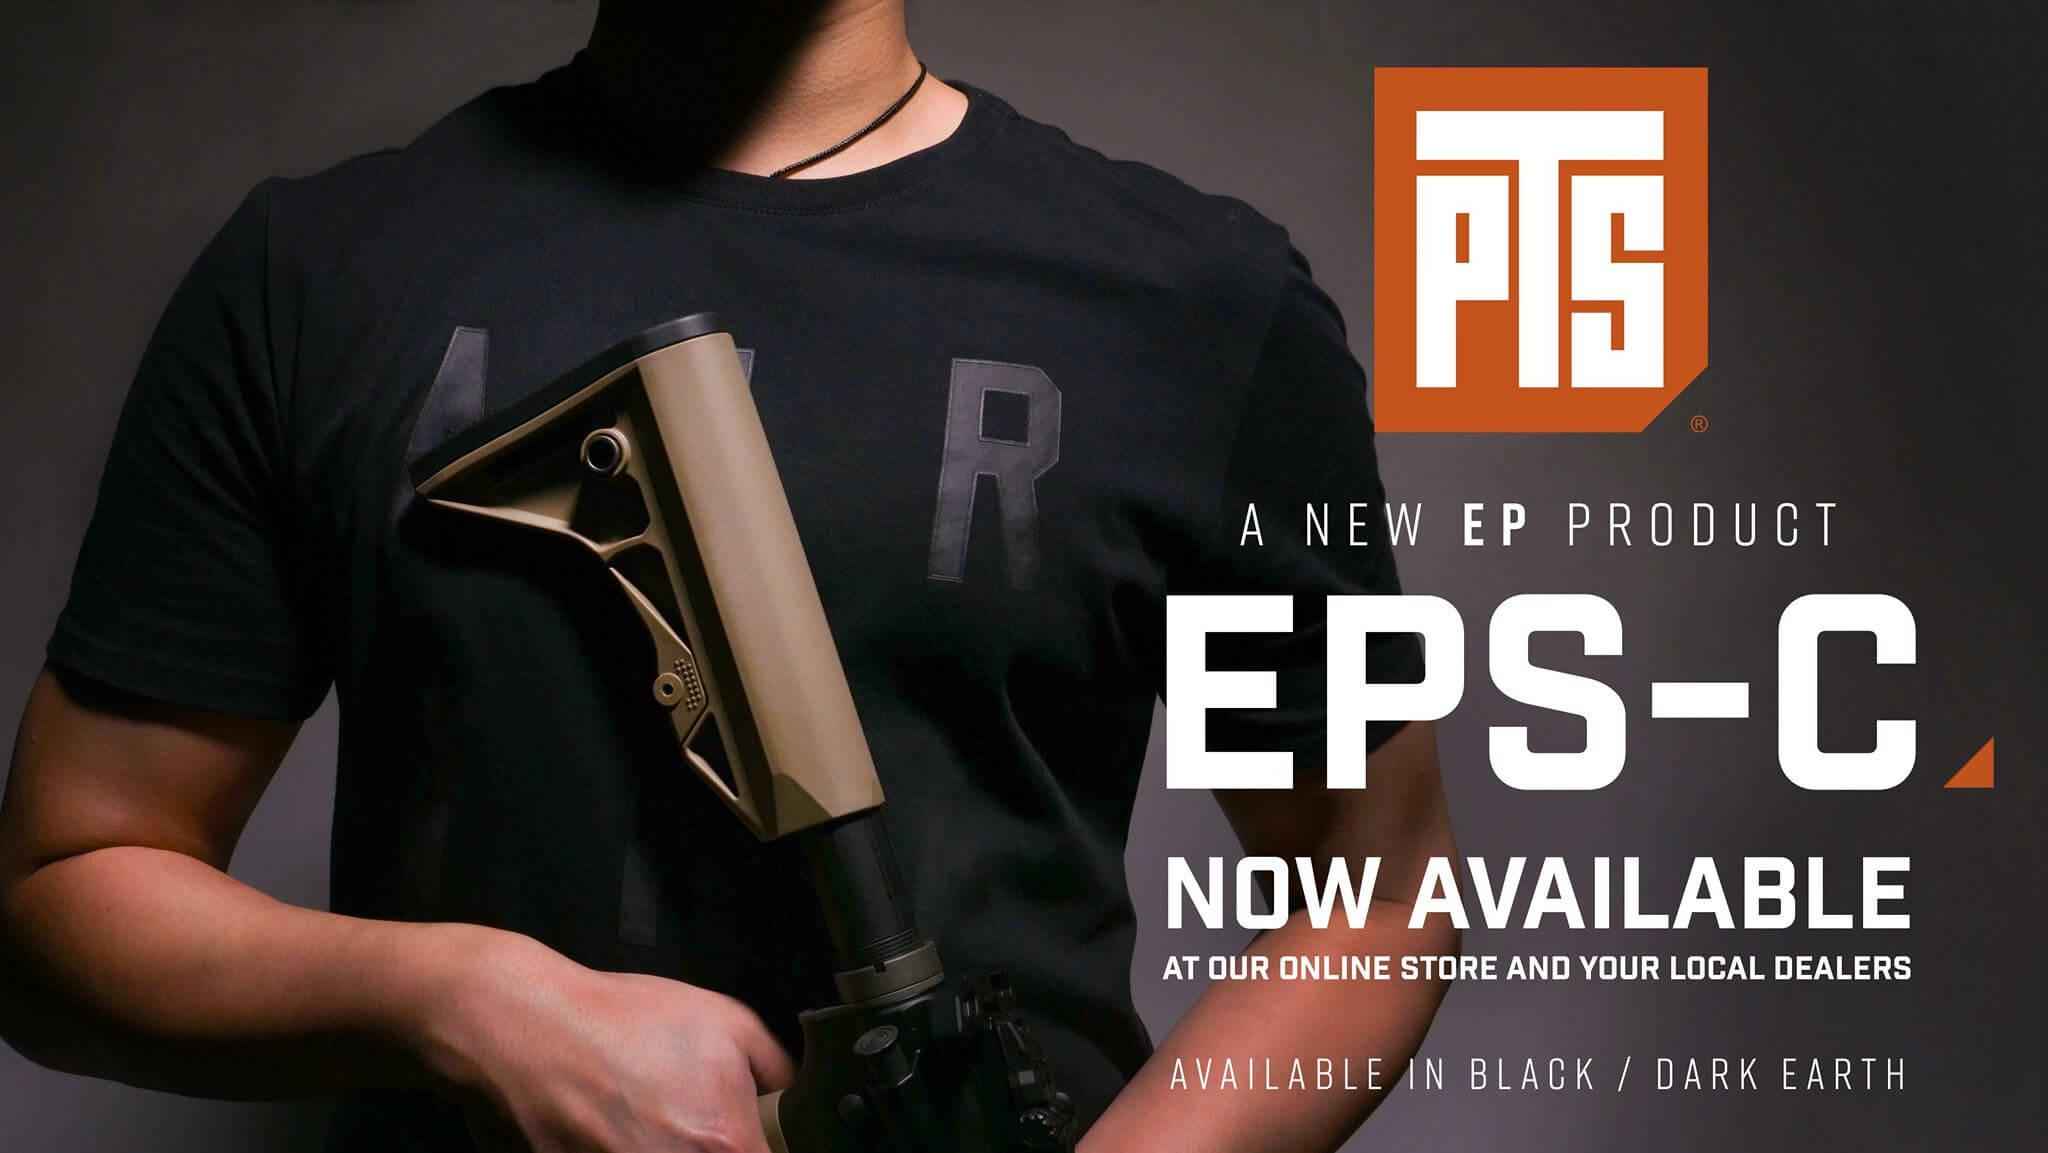 EPS-C